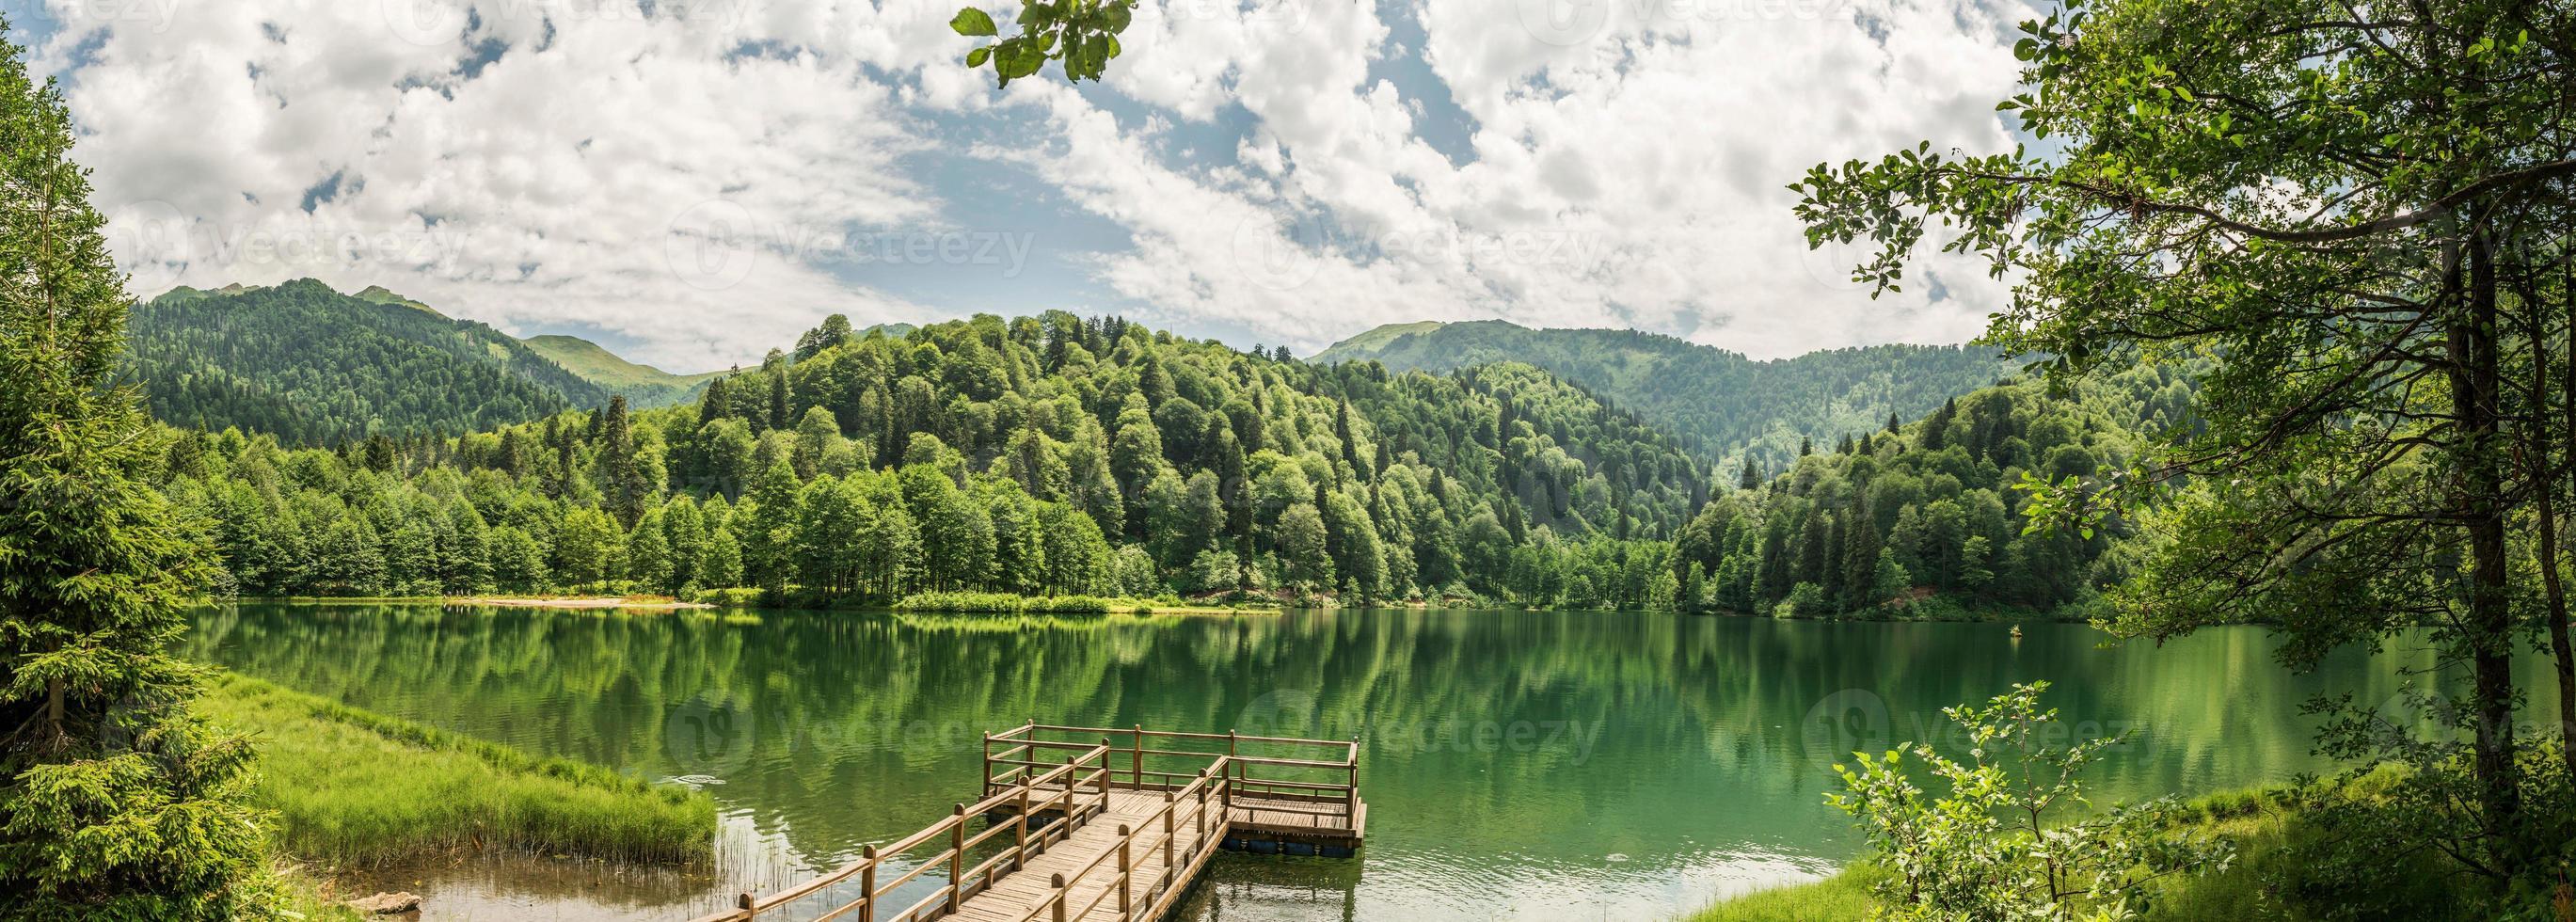 vacker sjö och pir foto